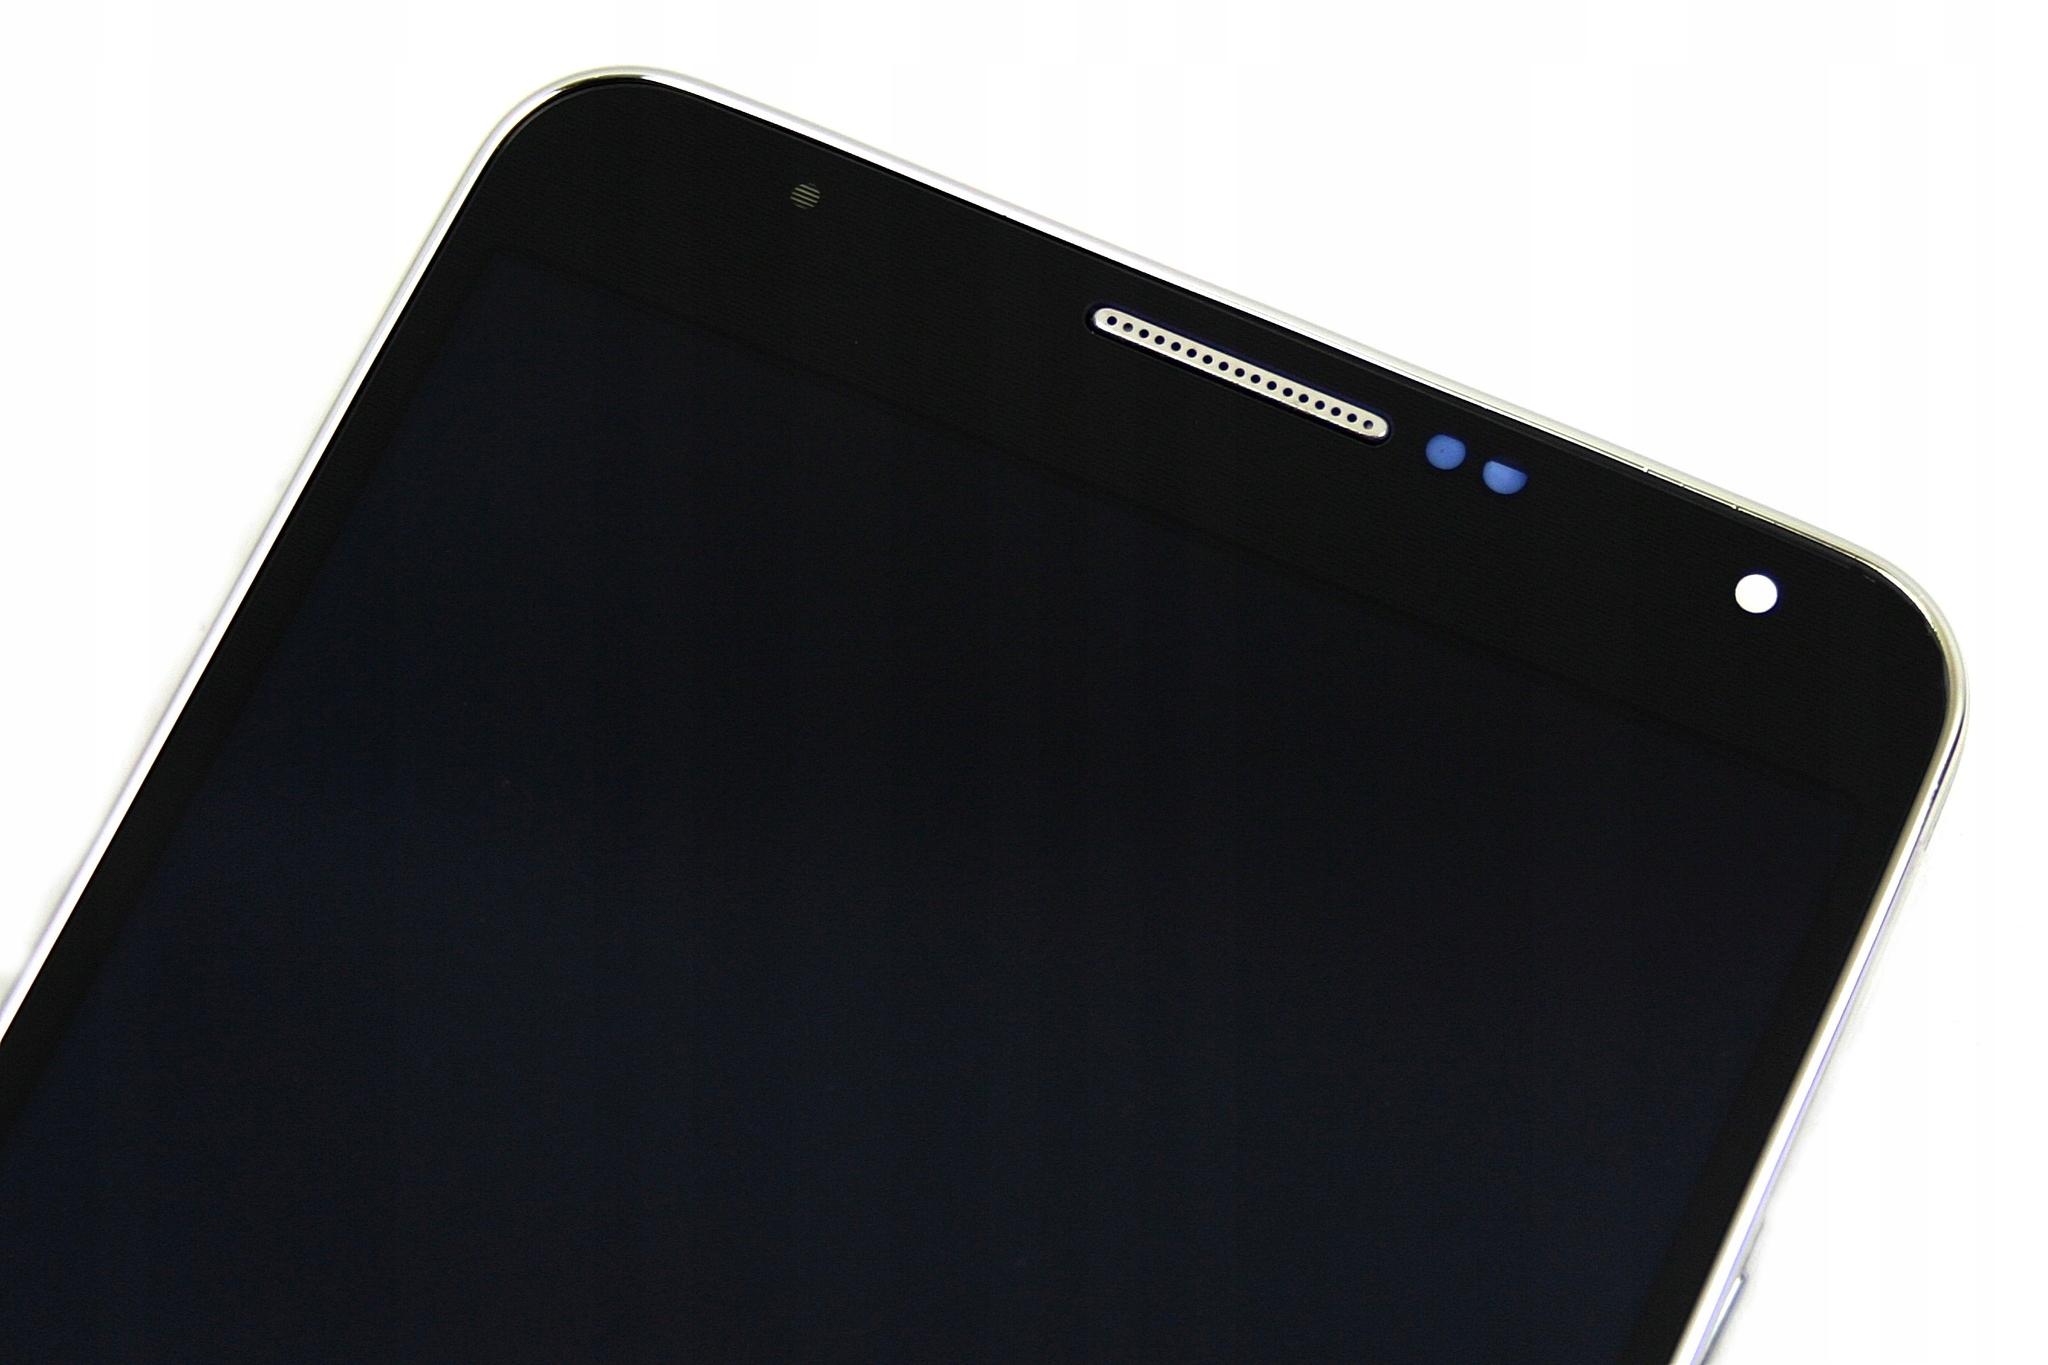 LCD WYŚWIETLACZ SAMSUNG GALAXY NOTE 3 CZARNY N9005